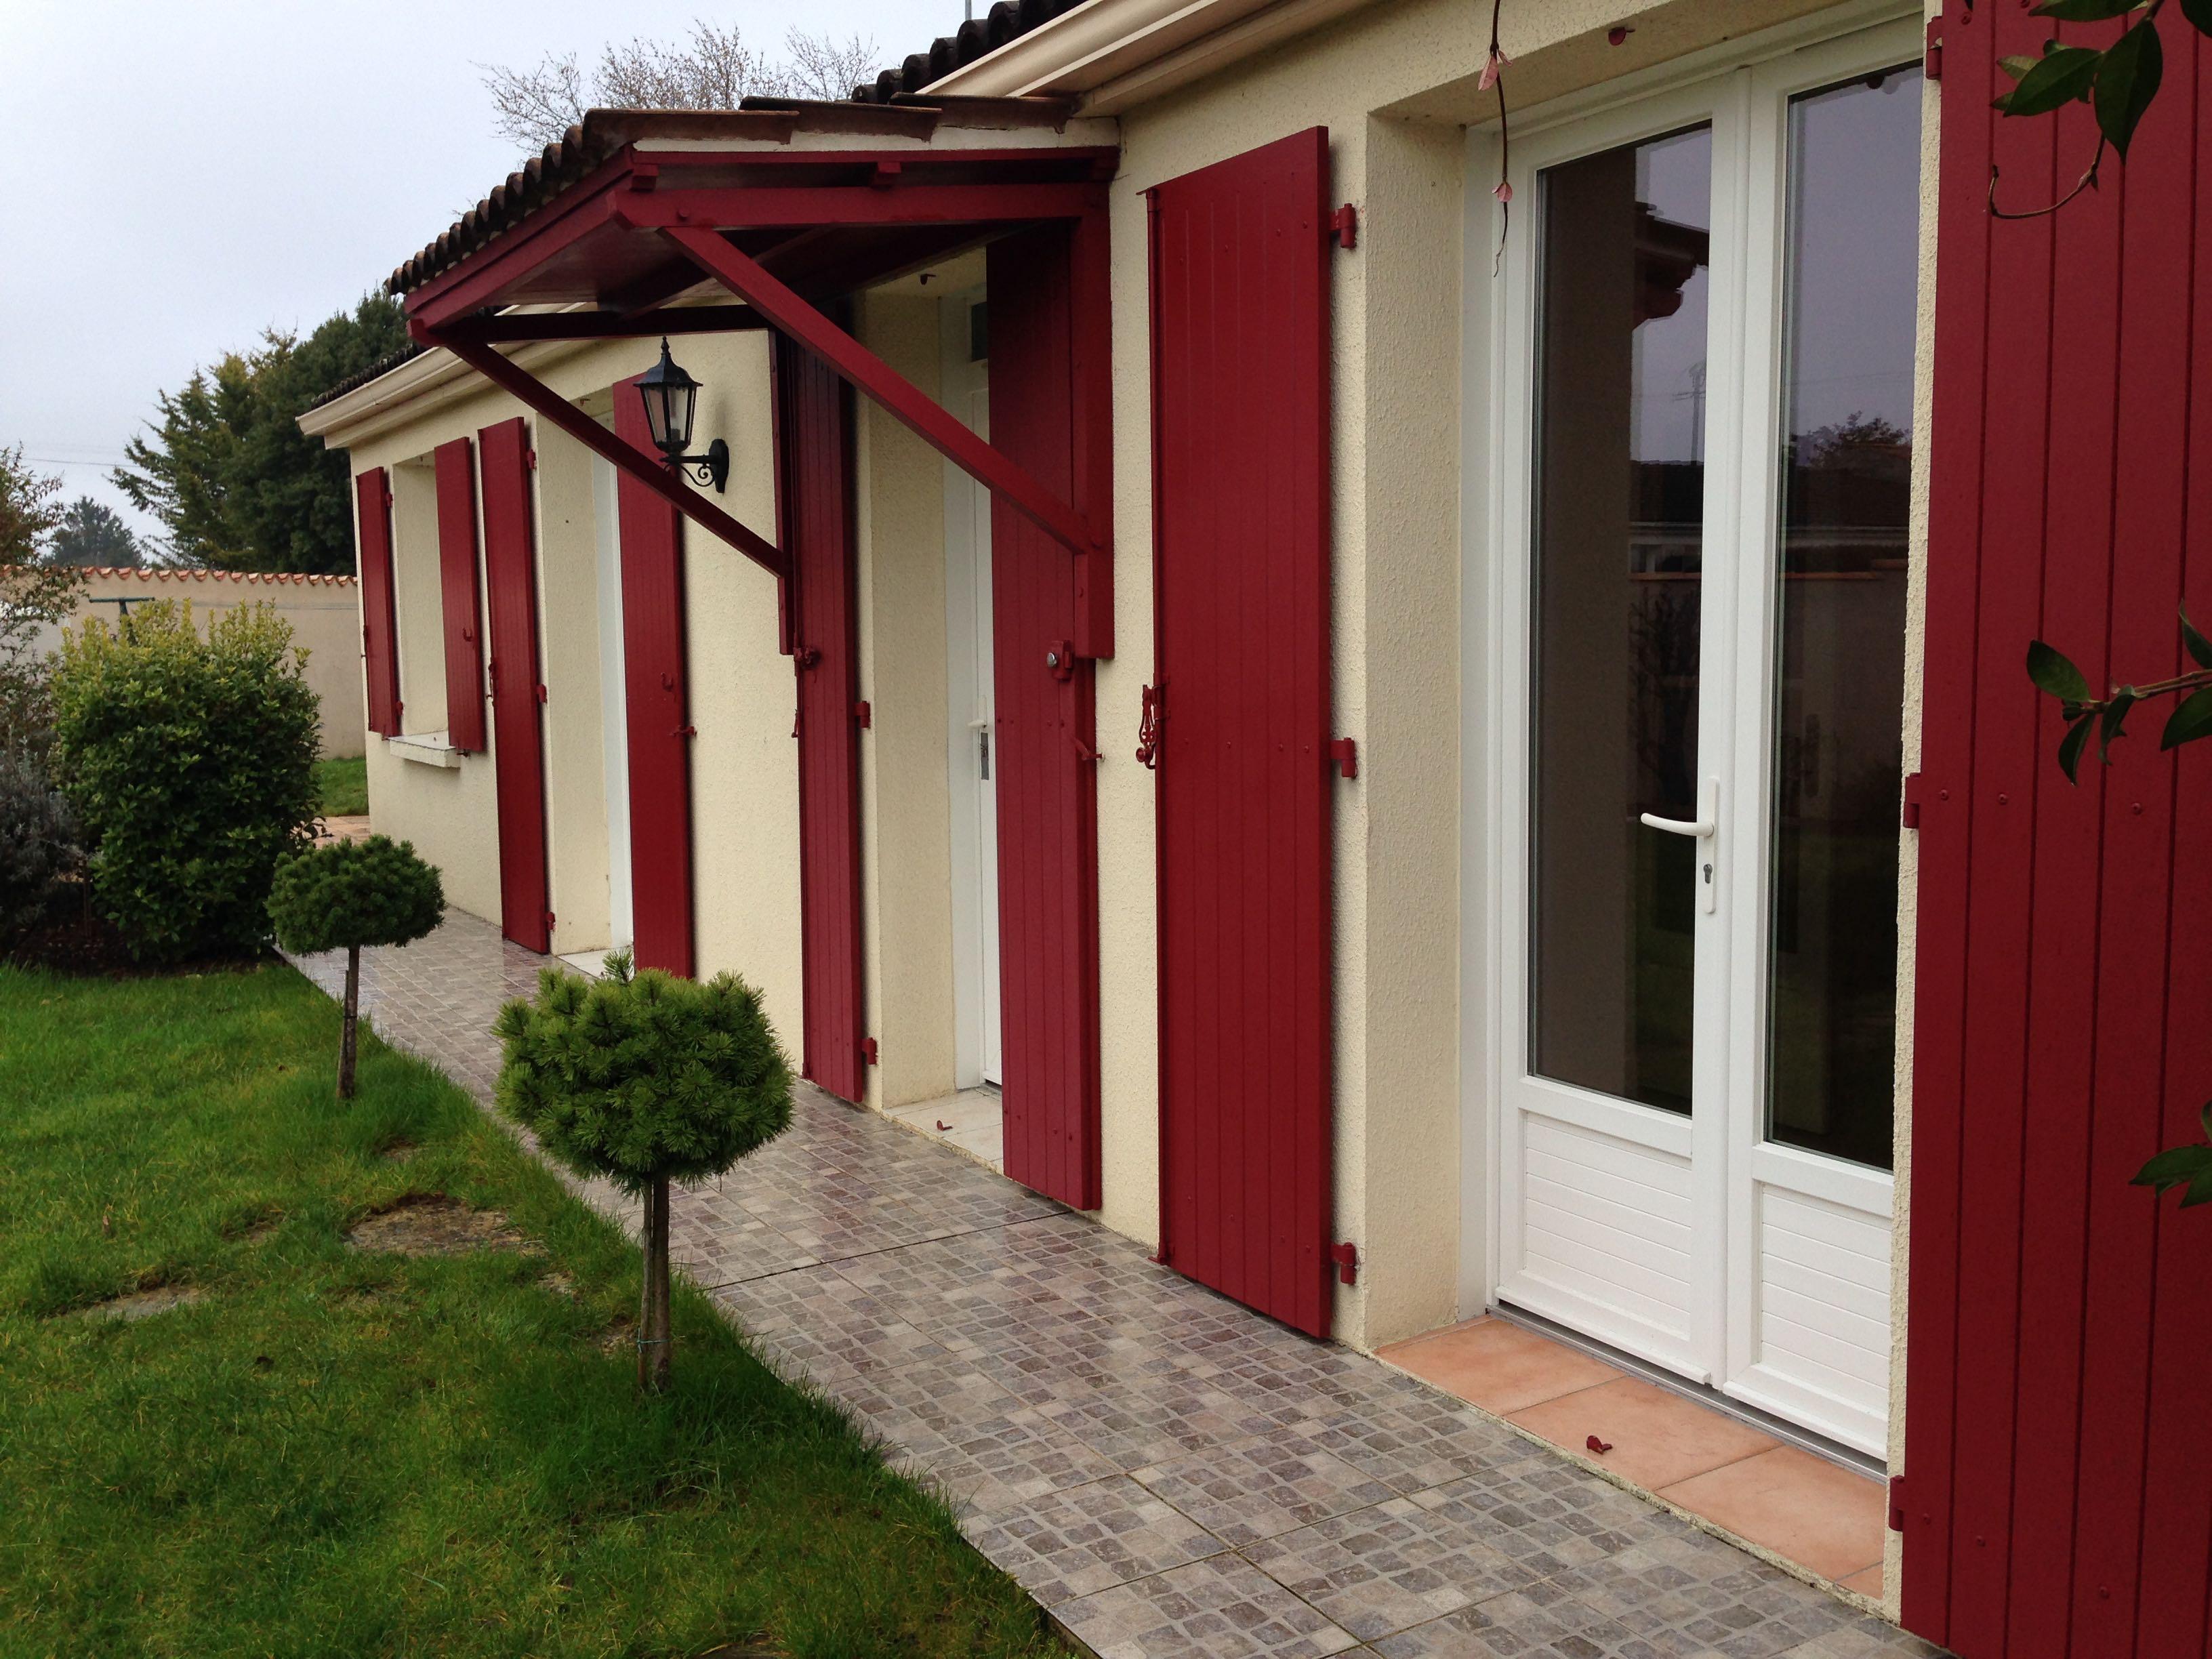 Grande Maison à vendre à 15 minutes de La Rochelle